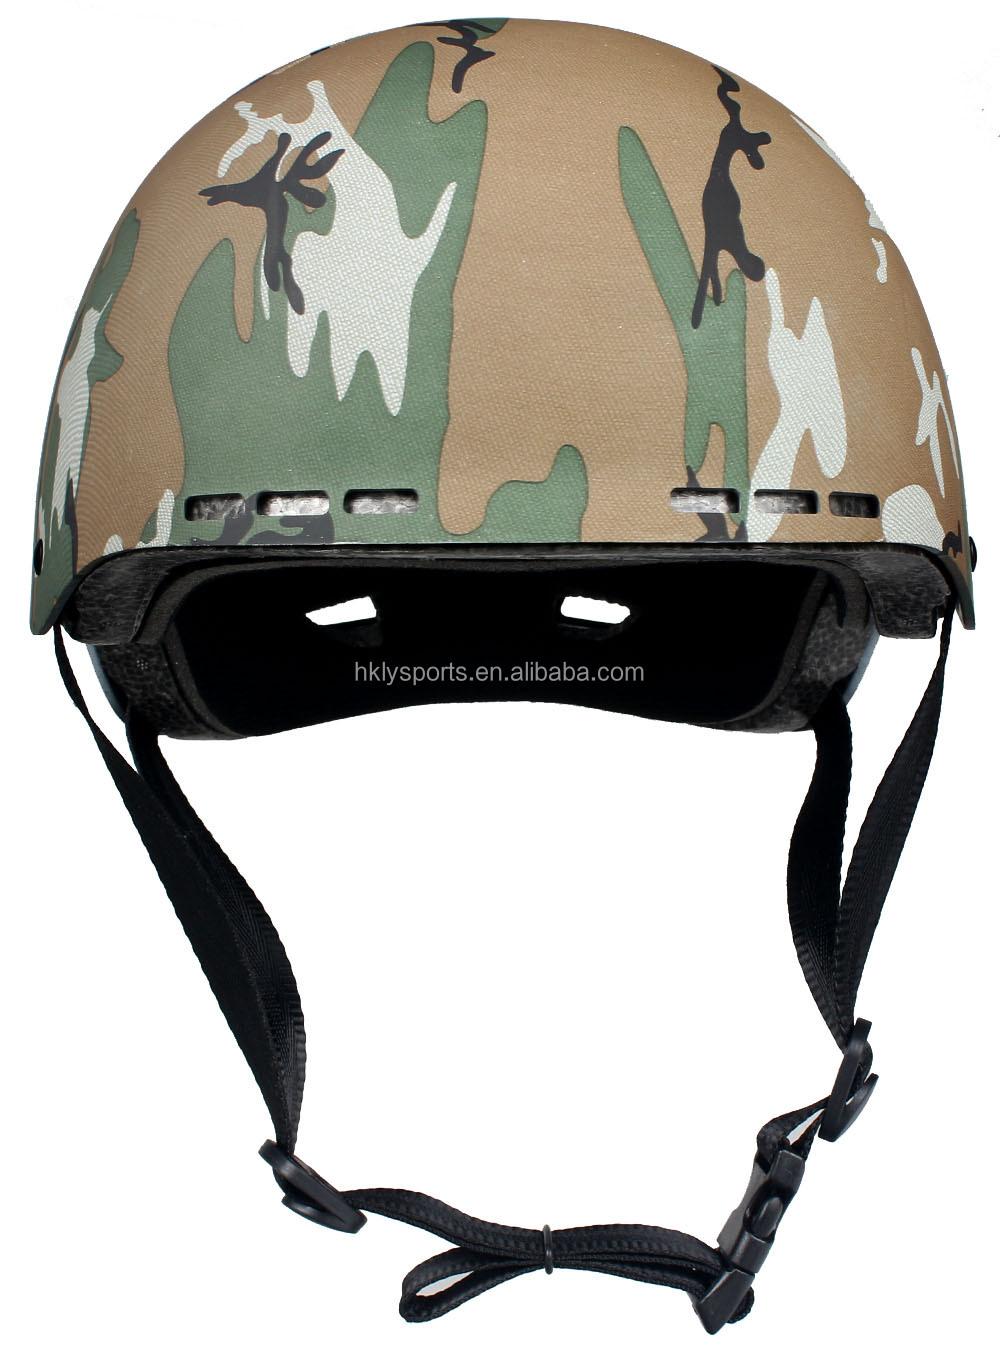 Roller skates helmet - Skate Helmet European Style Safety Helmet Extreme Sports Helmet Derby Roller Skates Helmet